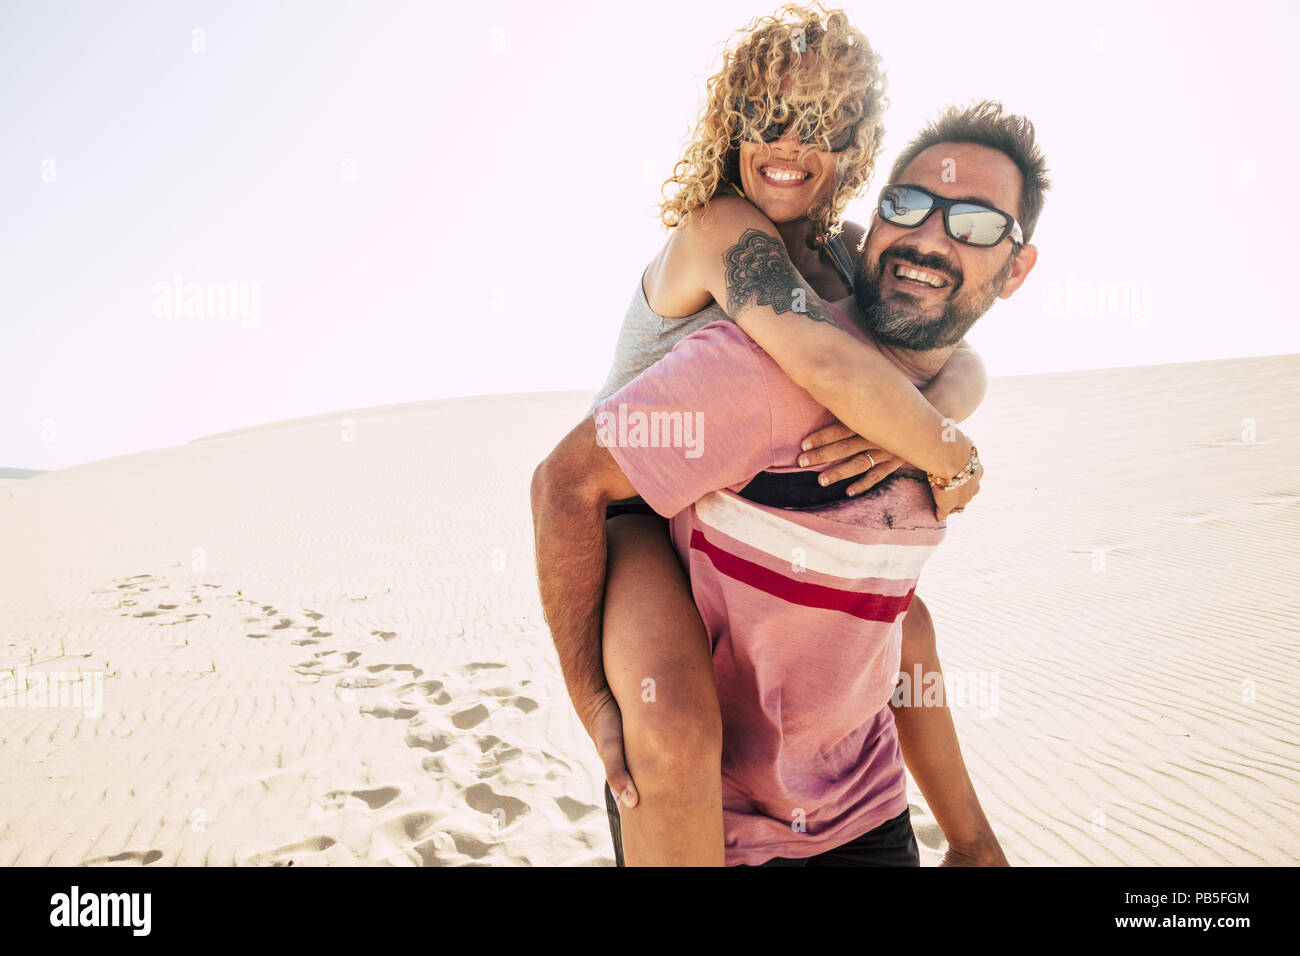 Menschen und Paare, die in Liebe, Spaß haben und die Dünen der Wüste am Strand im Urlaub. Mann tragen auf dem Rücken der Schönen lockiges Haar Frau lächelnd ein Stockbild